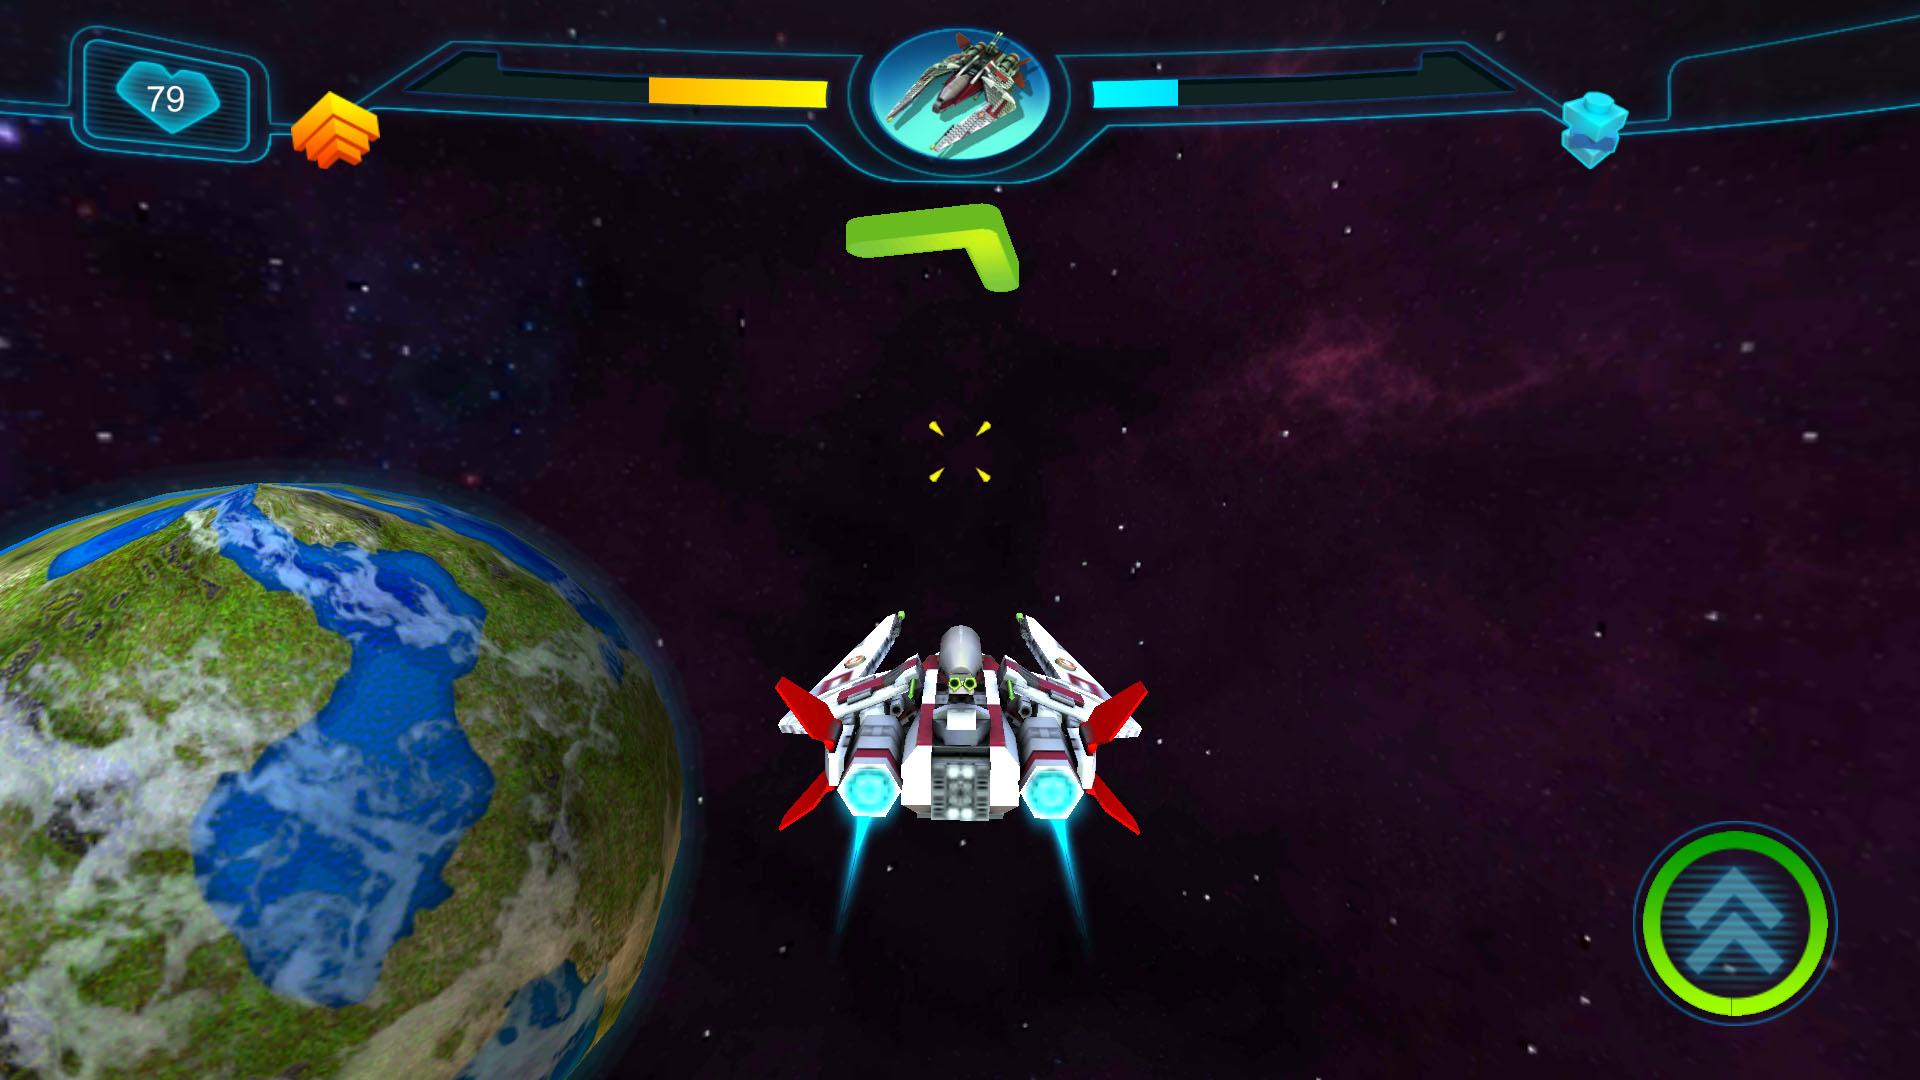 《乐高星球大战》是一款综合游戏